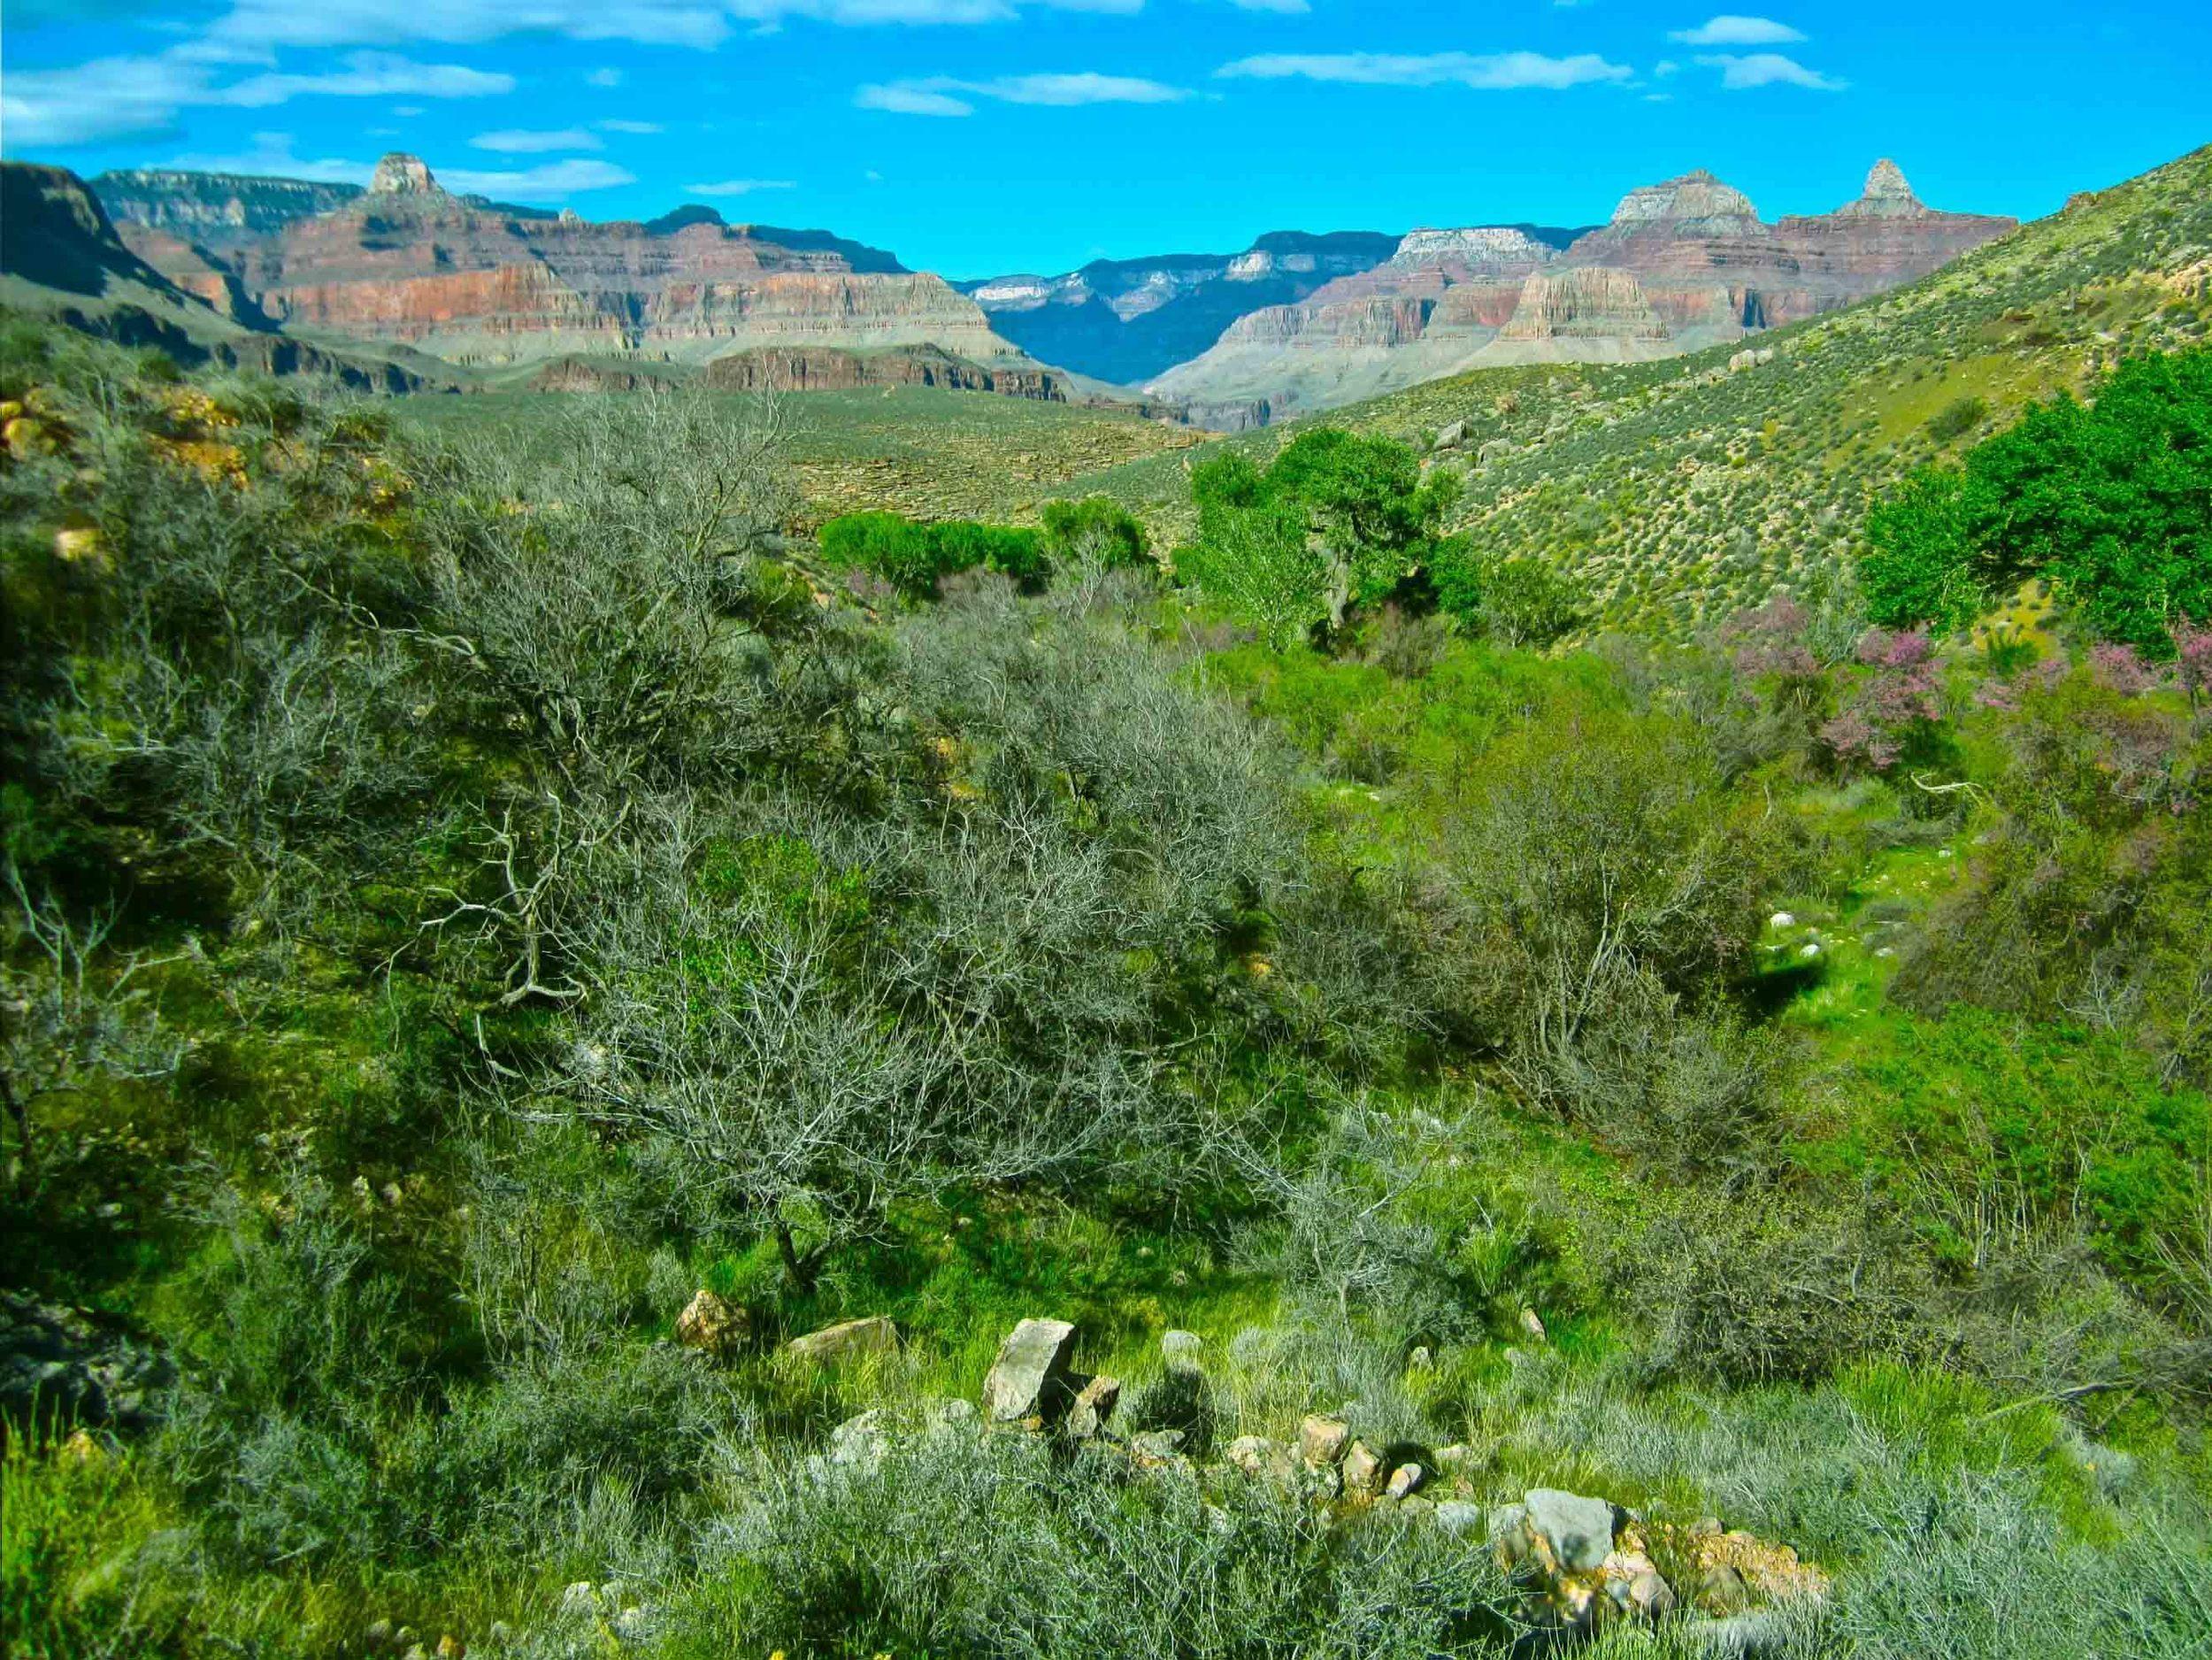 Indian Gardens, Grand Canyon, April 2012